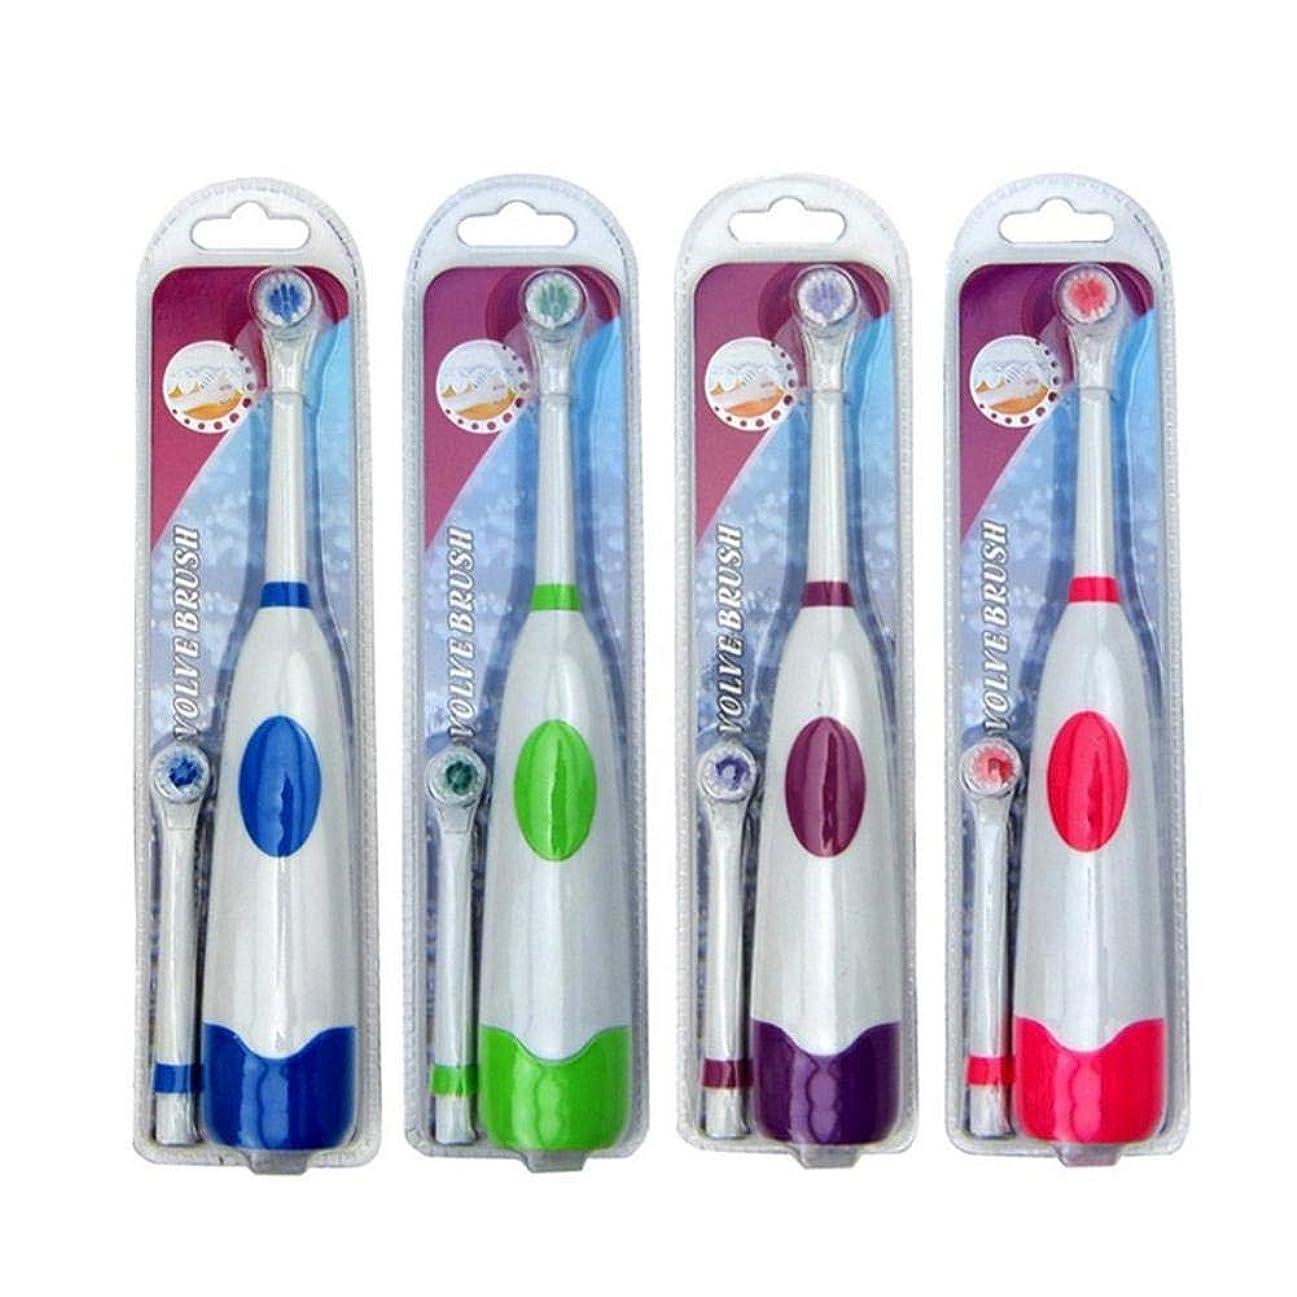 苦難パーセント可動式電動歯ブラシ子供大人の回転電動歯ブラシはじめにクリーニングアンチクリスタル防水バッテリーエディションSNOWVIRTUOS